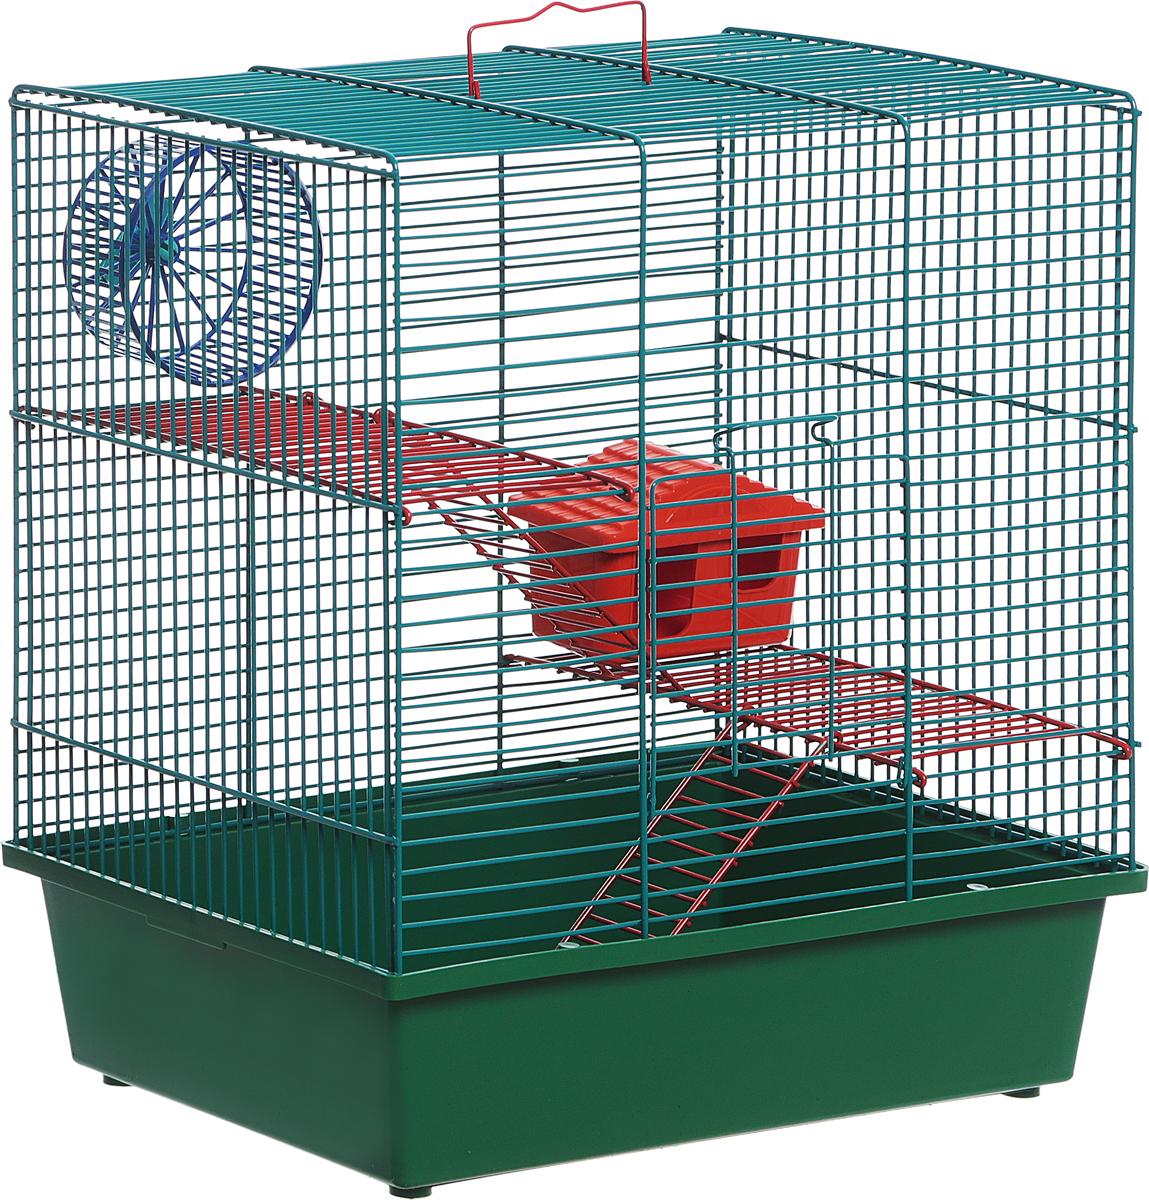 Клетка для грызунов Велес Lusy Hamster-3к, 3-этажная, цвет: зеленый, 35 х 26 х 40 см315_зеленыйКлетка Велес Lusy Hamster-3к, выполненная из полипропилена и металла, подходит для мелкихгрызунов. Изделие трехэтажное, оборудовано лестницей. Клетка имеет яркий поддон, удобна виспользовании и легко чистится. Сверху имеется ручка для переноски.Внутреннеепространство клетки дополнено домиком, беговым колесом, а также небольшой чашкой длязерна и различных лакомств.Такая клетка станет уединенным личным пространством иуютным домиком для маленького грызуна.